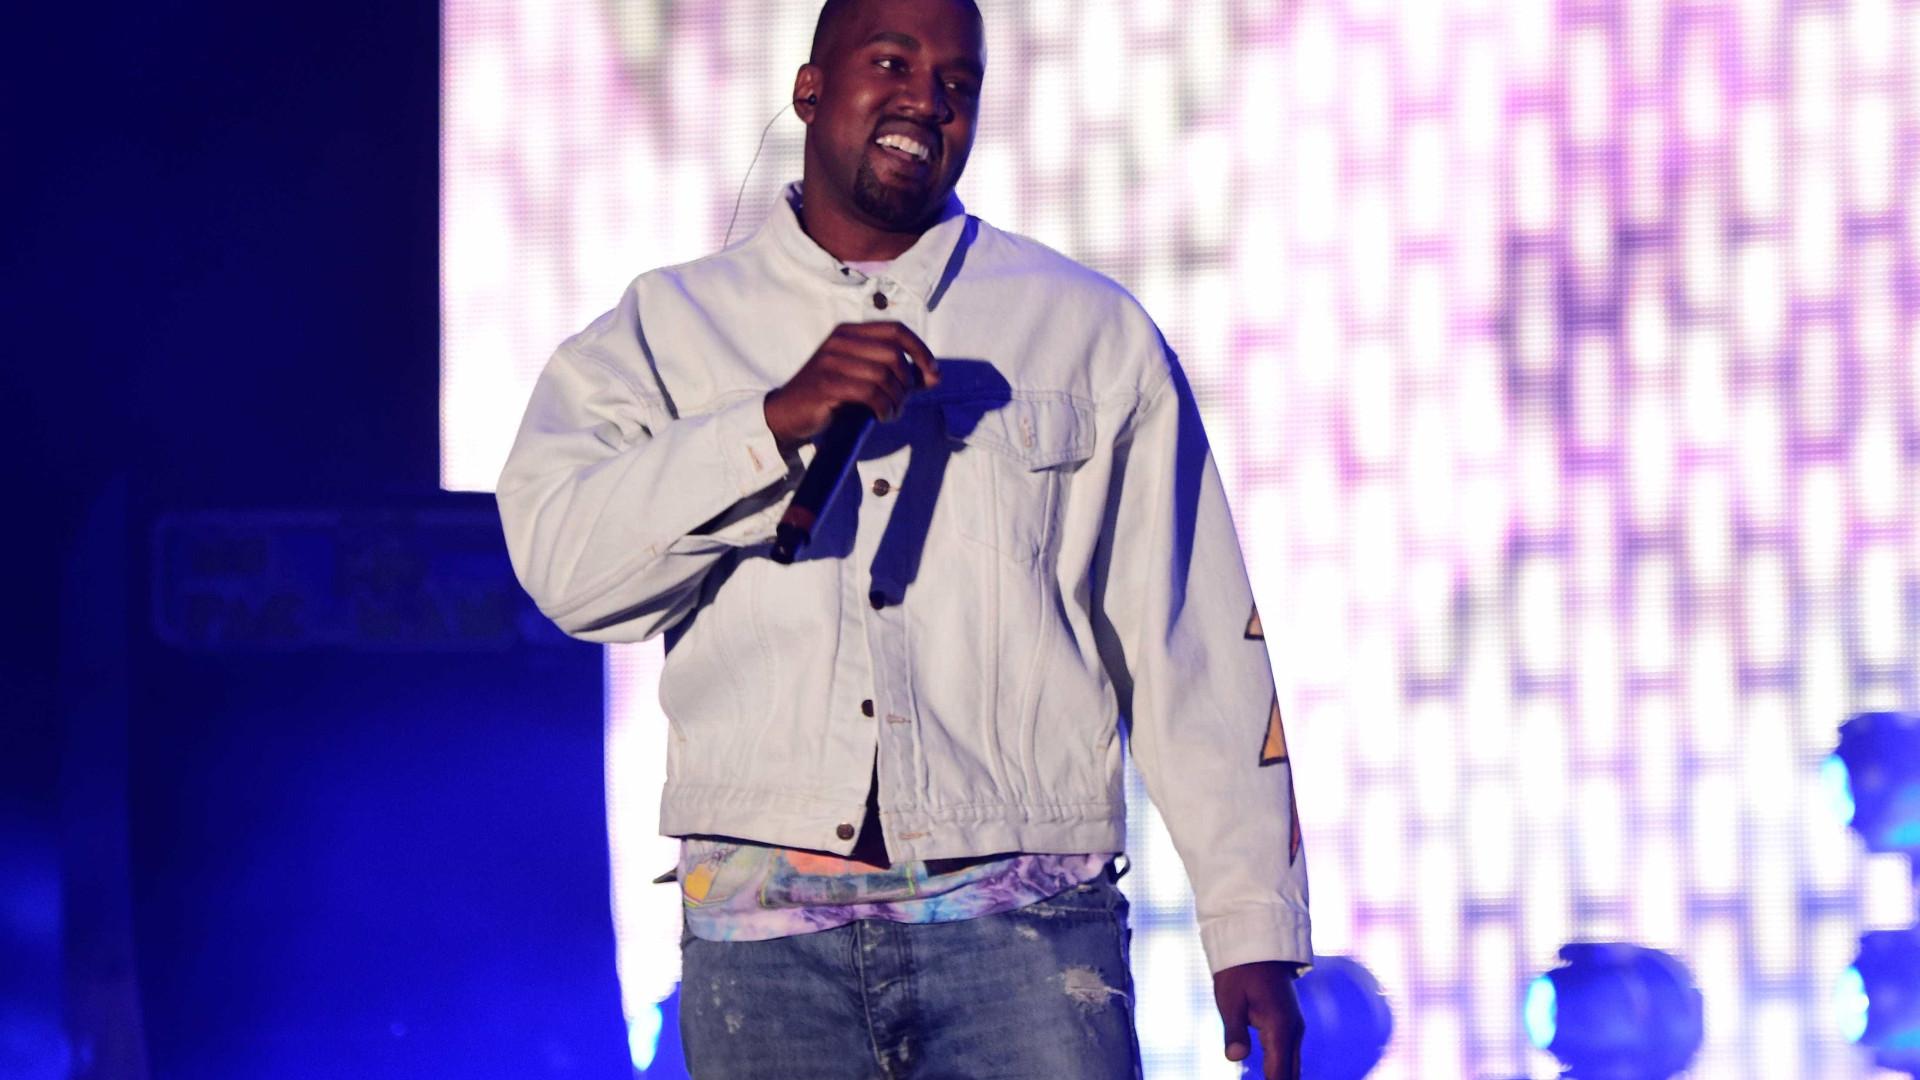 Kanye West cria polêmica ao afirmar que a escravidão foi 'uma opção'